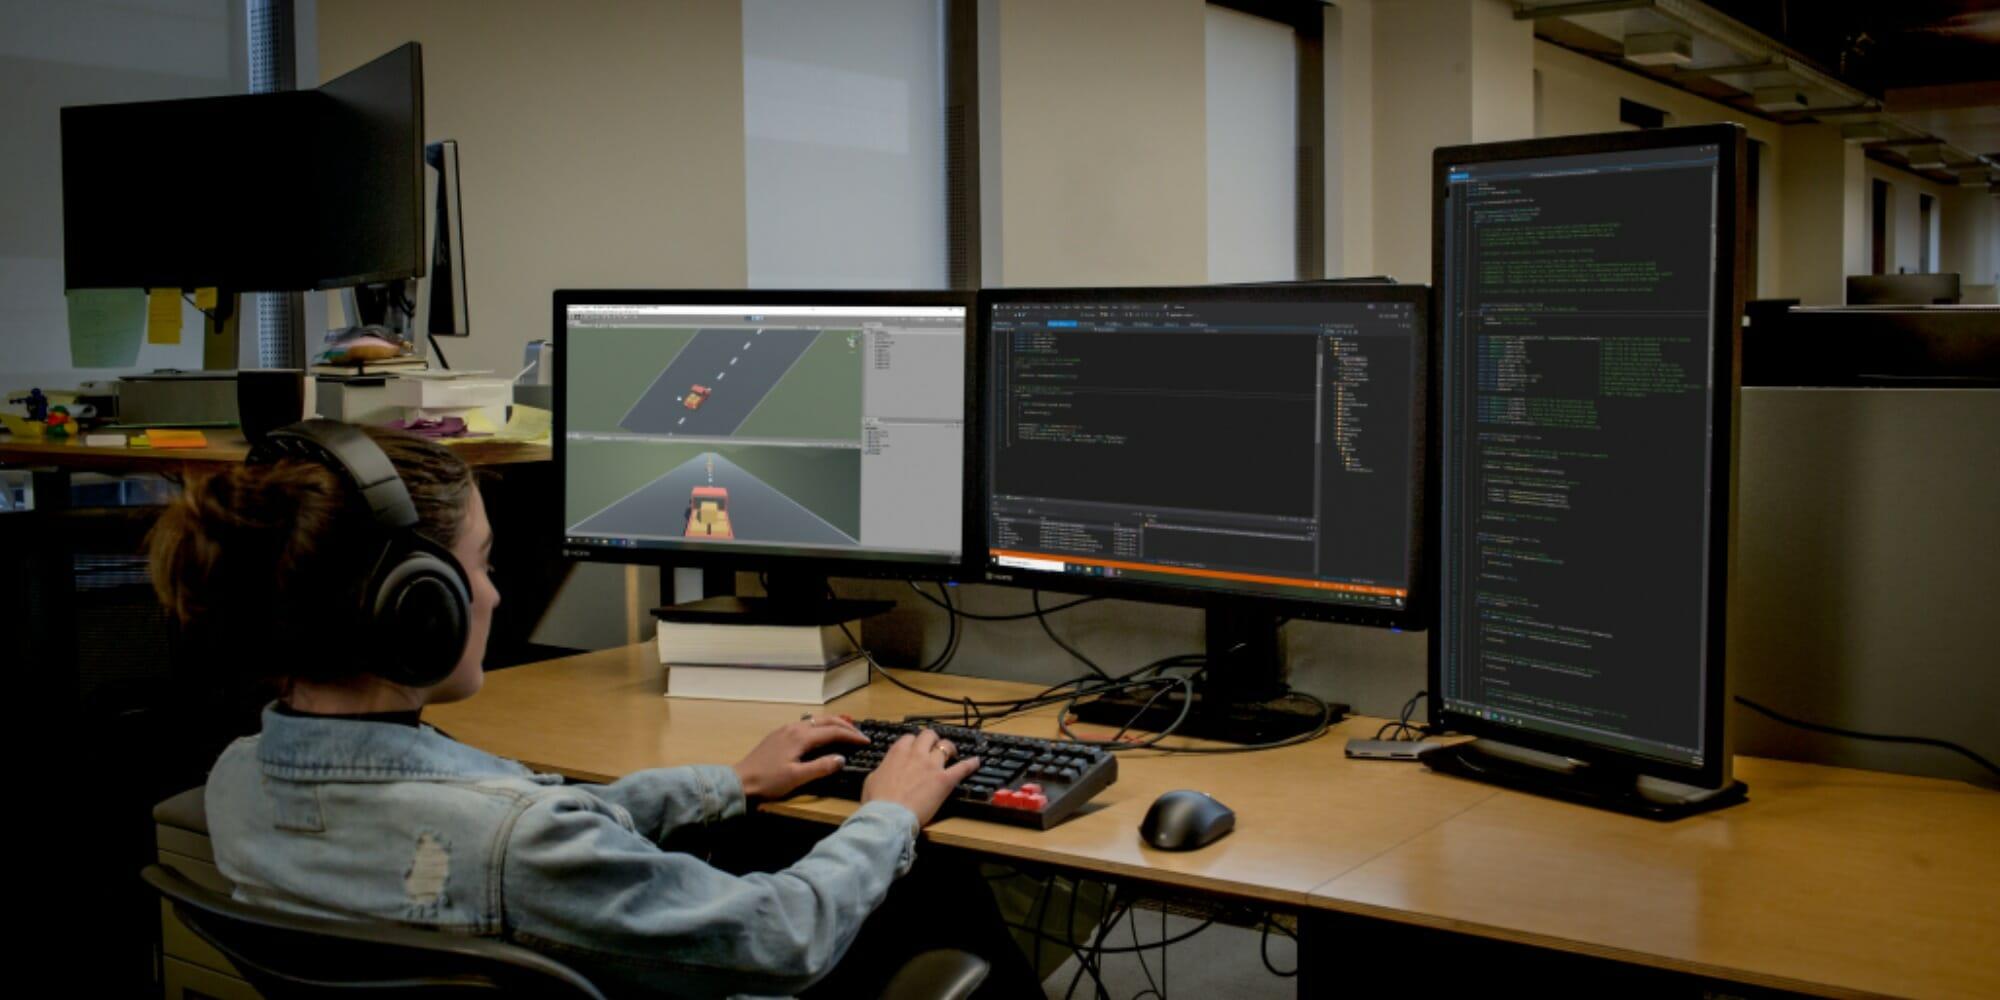 Ein Desktopcomputer auf einem Schreibtisch